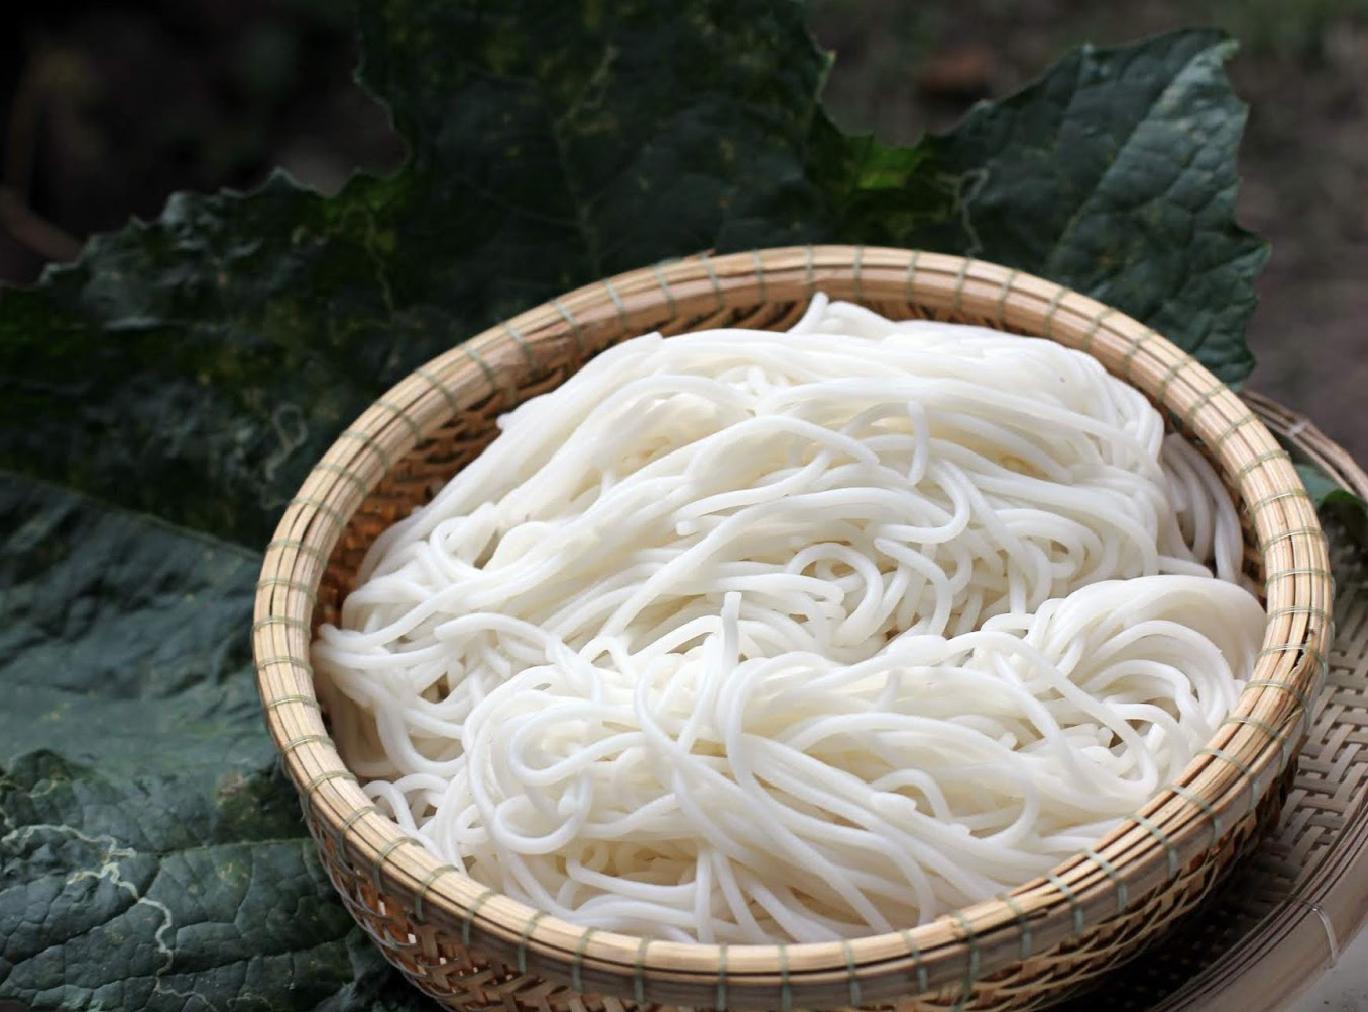 Độc đáo phong cách làm ra sợi bún bằng gạo hữu cơ Organica thơm lành